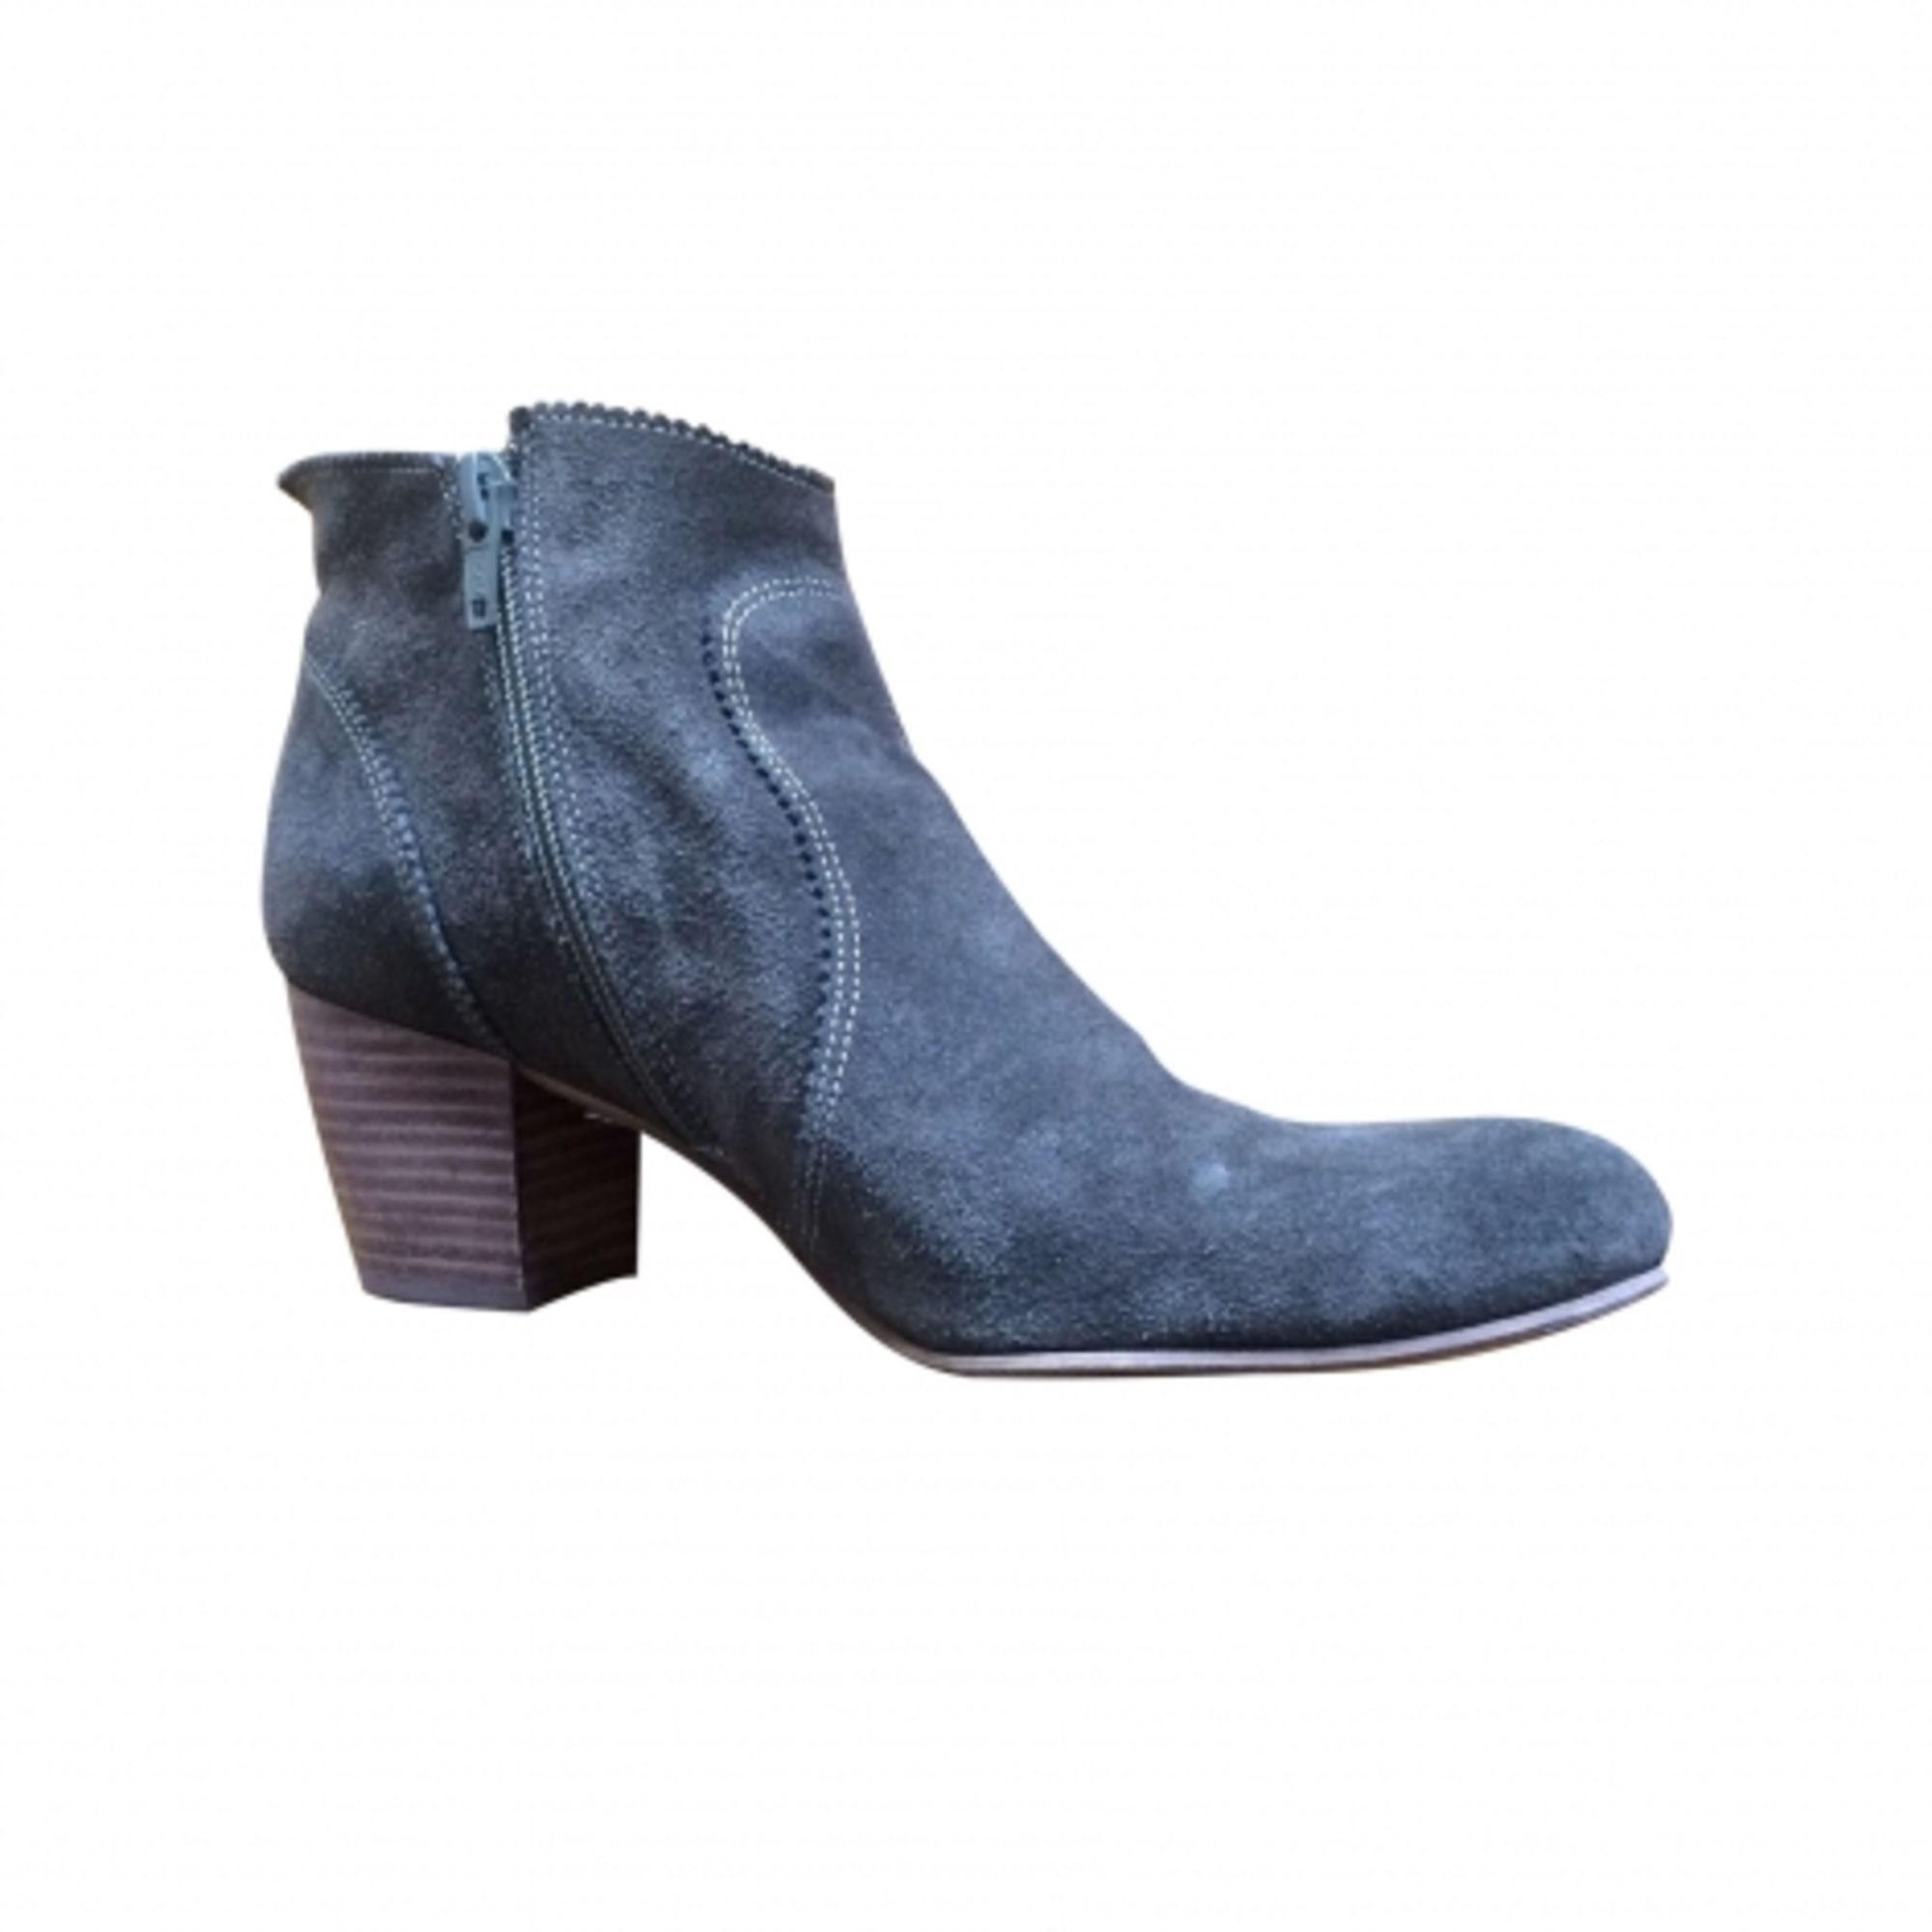 905796d8926 Bottines amp  low boots à talons MINELLI daim marron 37 BbEGxh ...